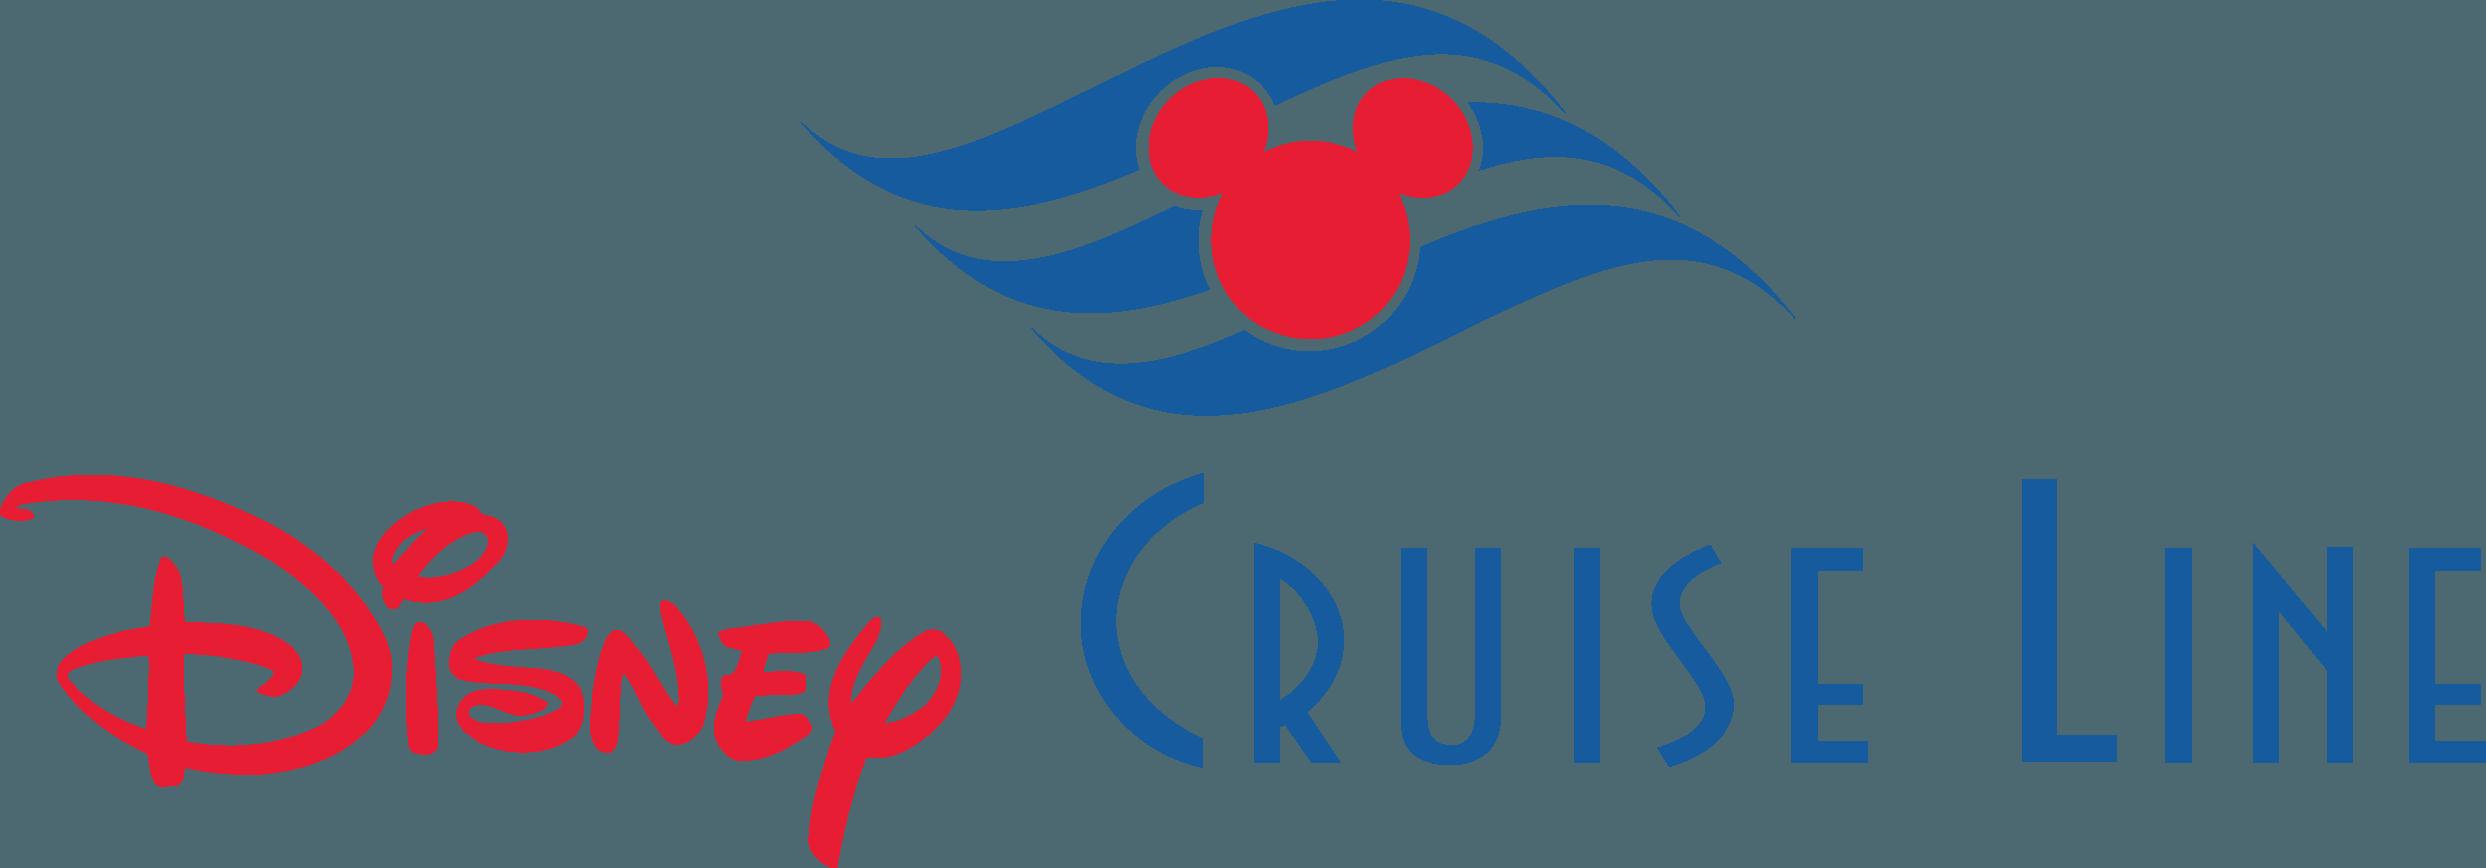 Disney Cruise Line Logo png